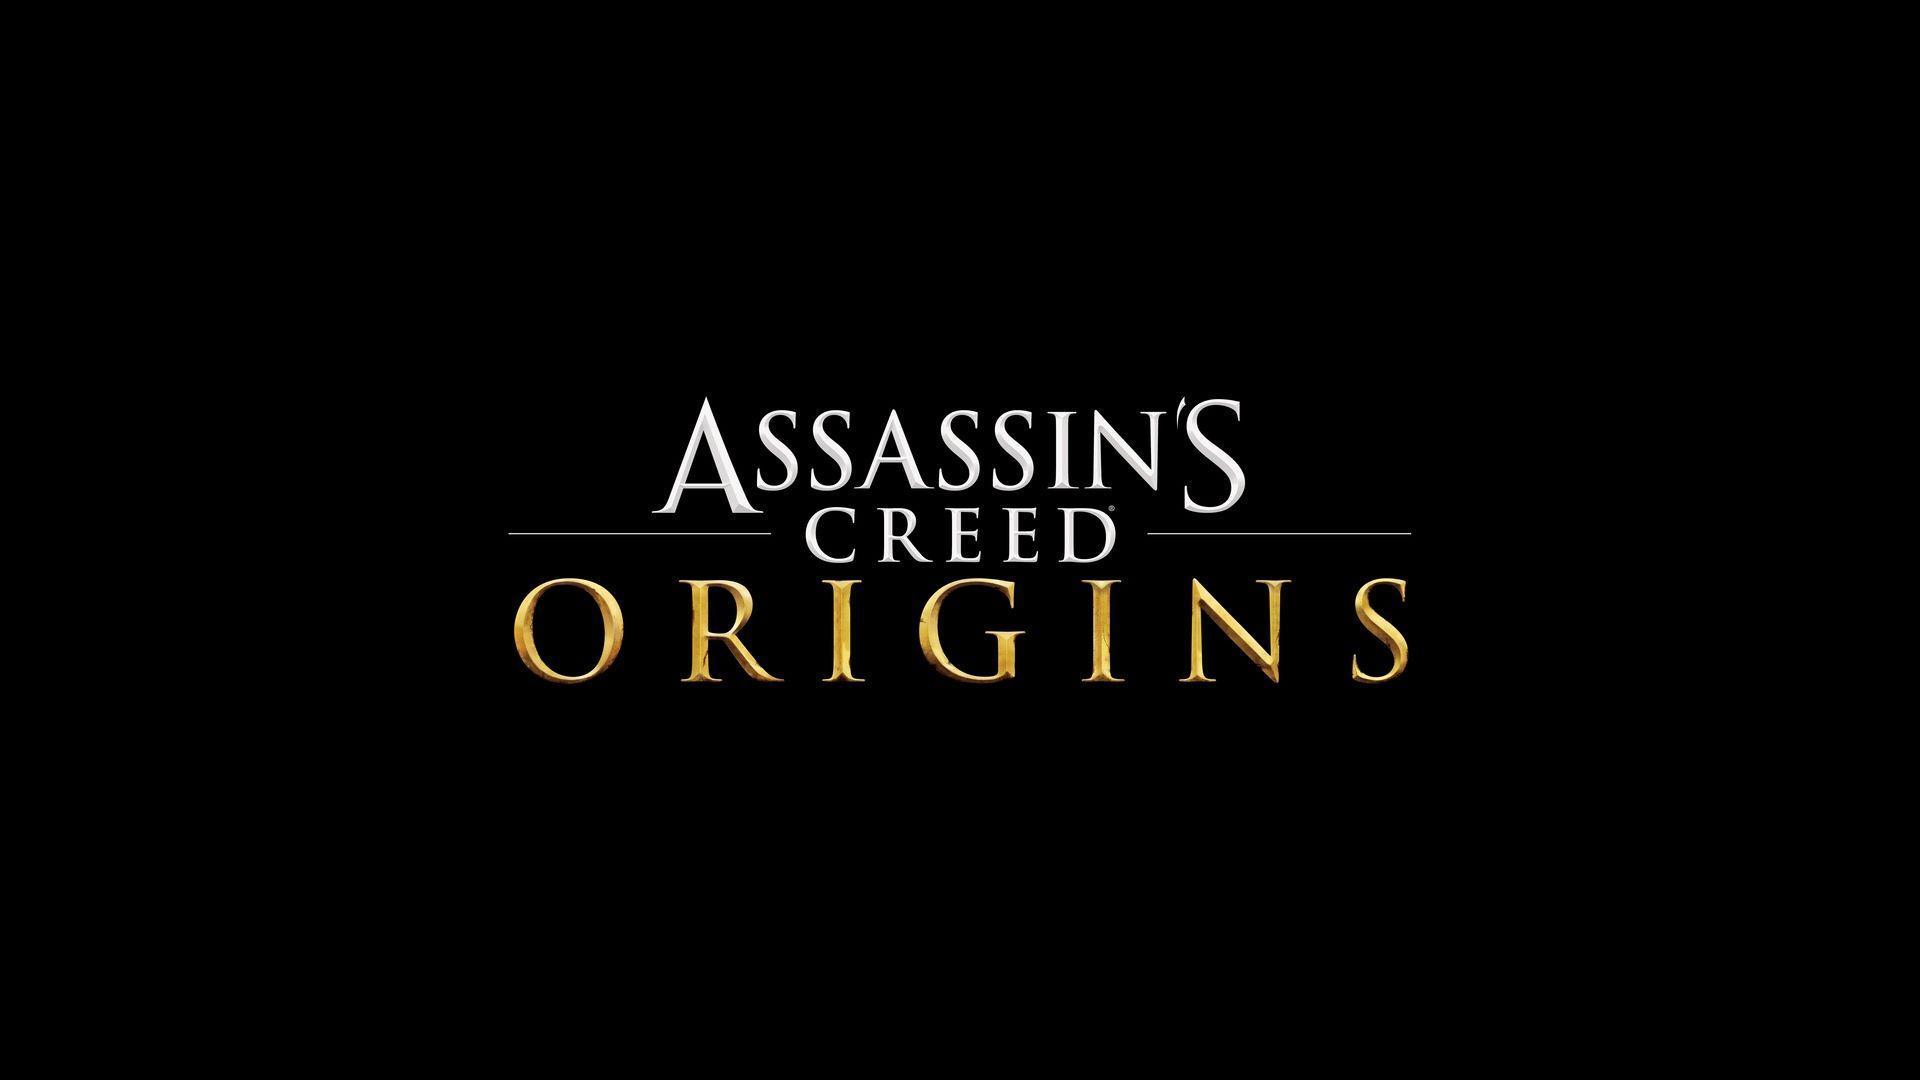 assassins creed origins wallpaper 1080x1920